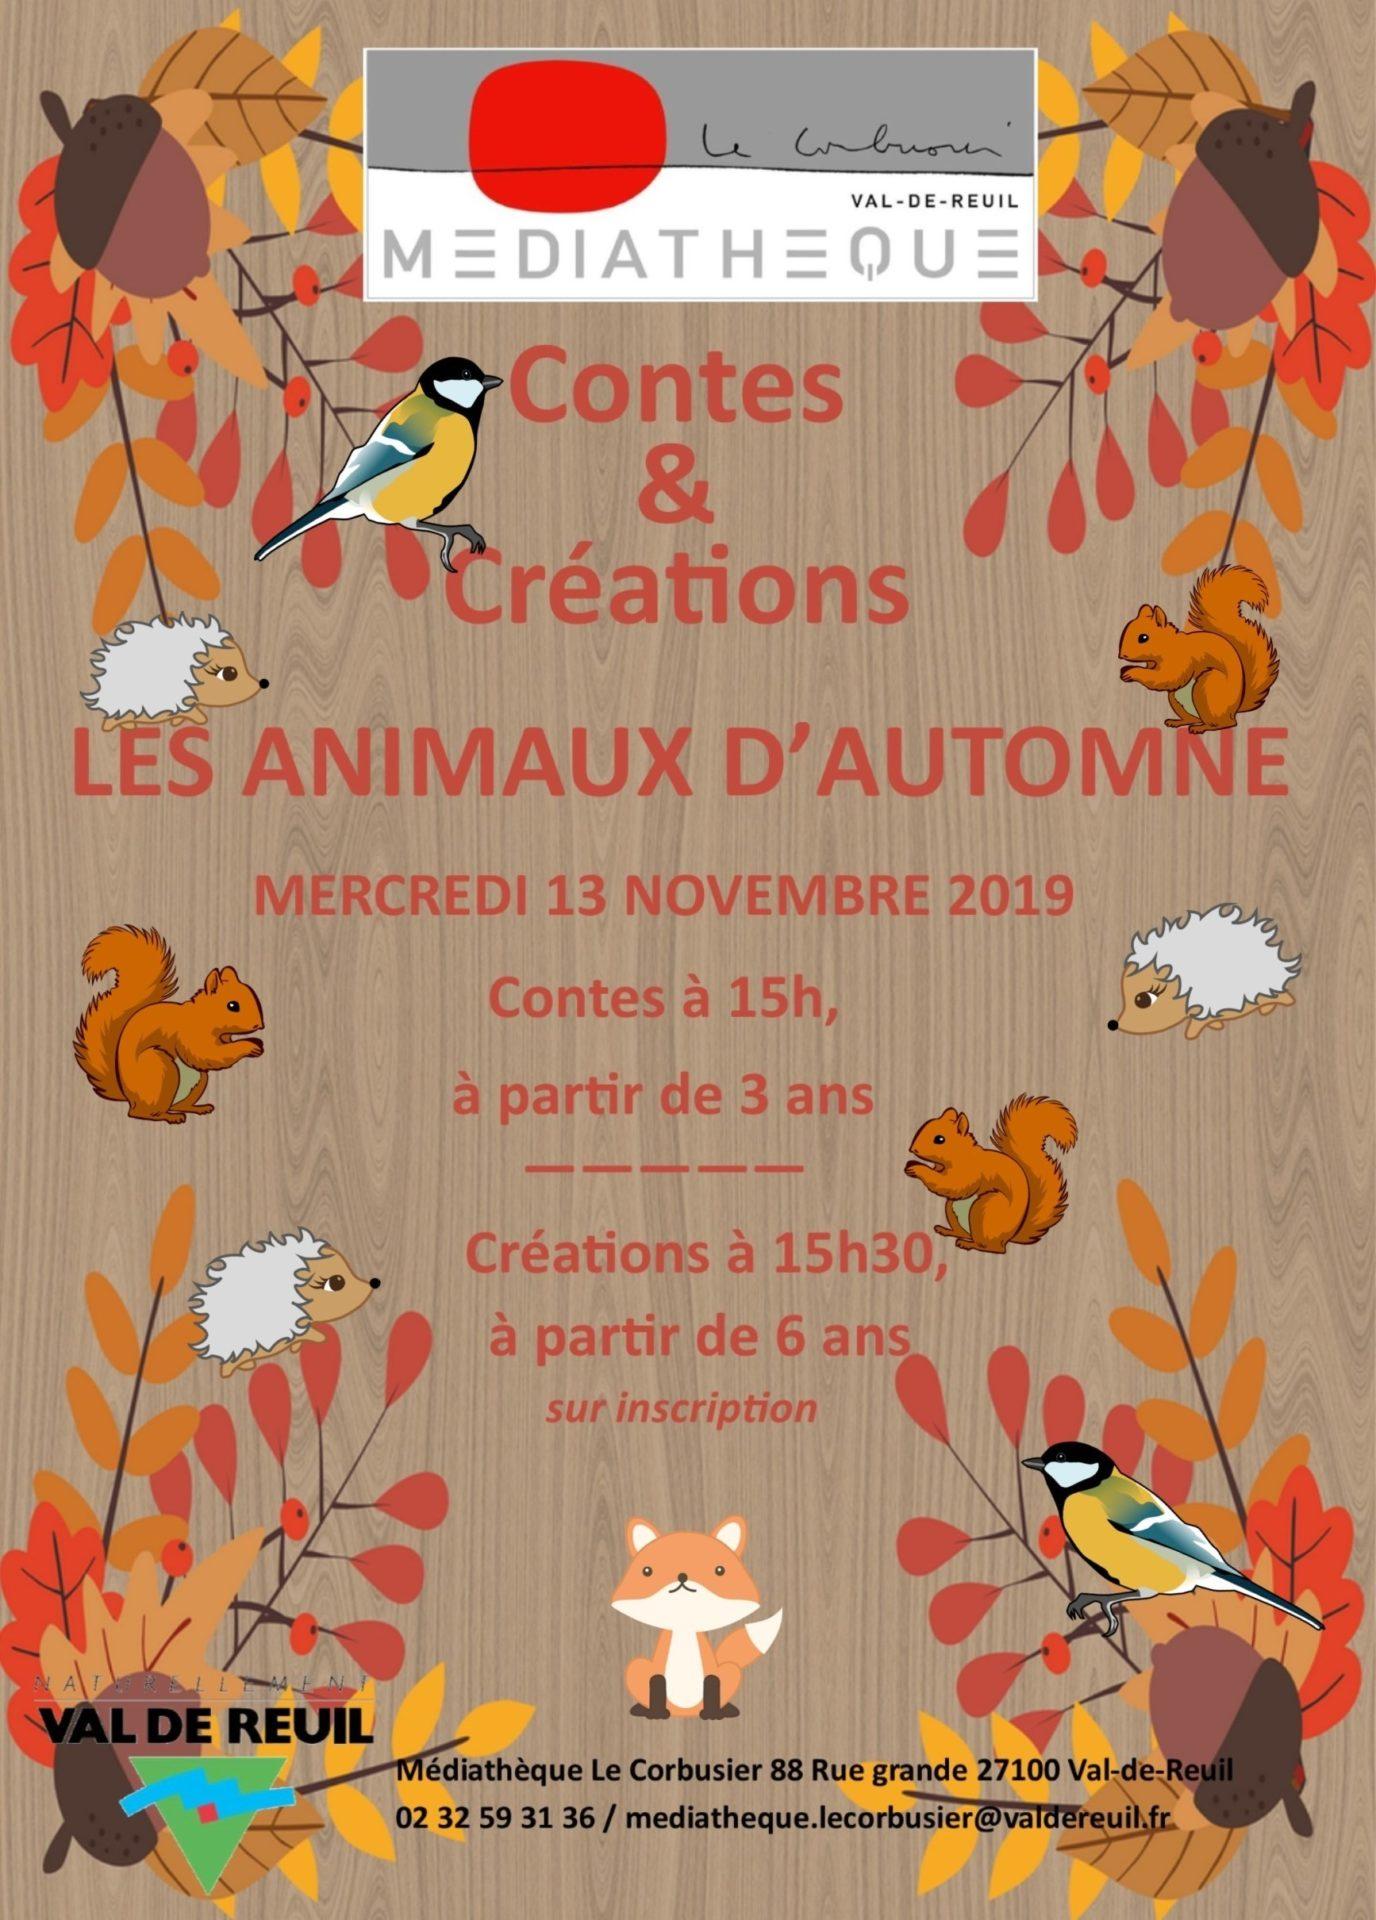 """Contes et atelier créatif """"Les animaux d'automne """" à la médiathèque Le Corbusier"""